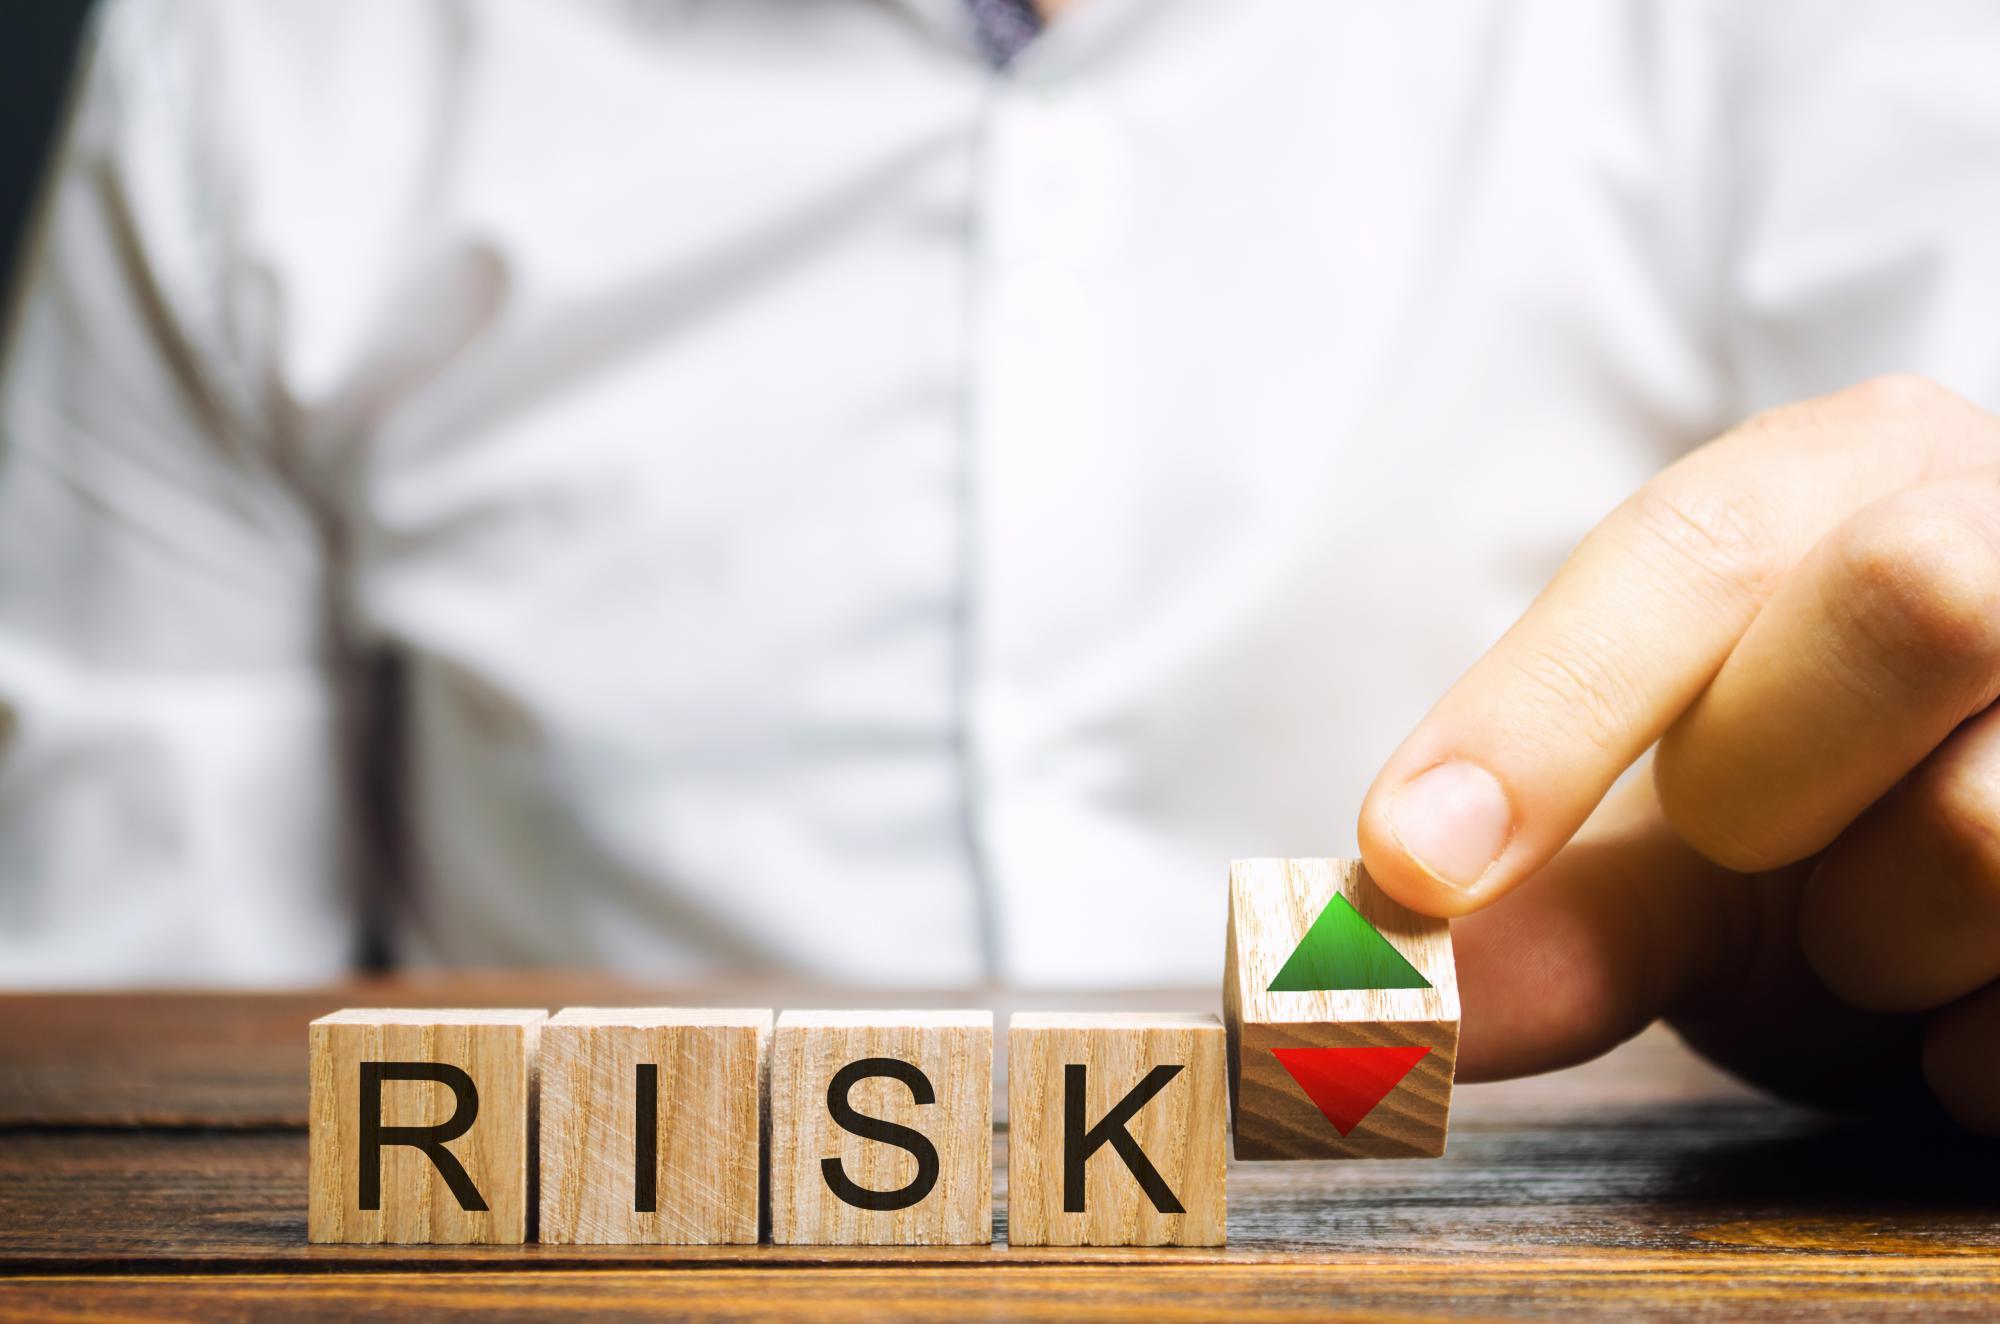 Минздравсоцразвития будет устанавливать Типовой перечень мероприятий по улучшению условий труда и снижению профессиональных рисков